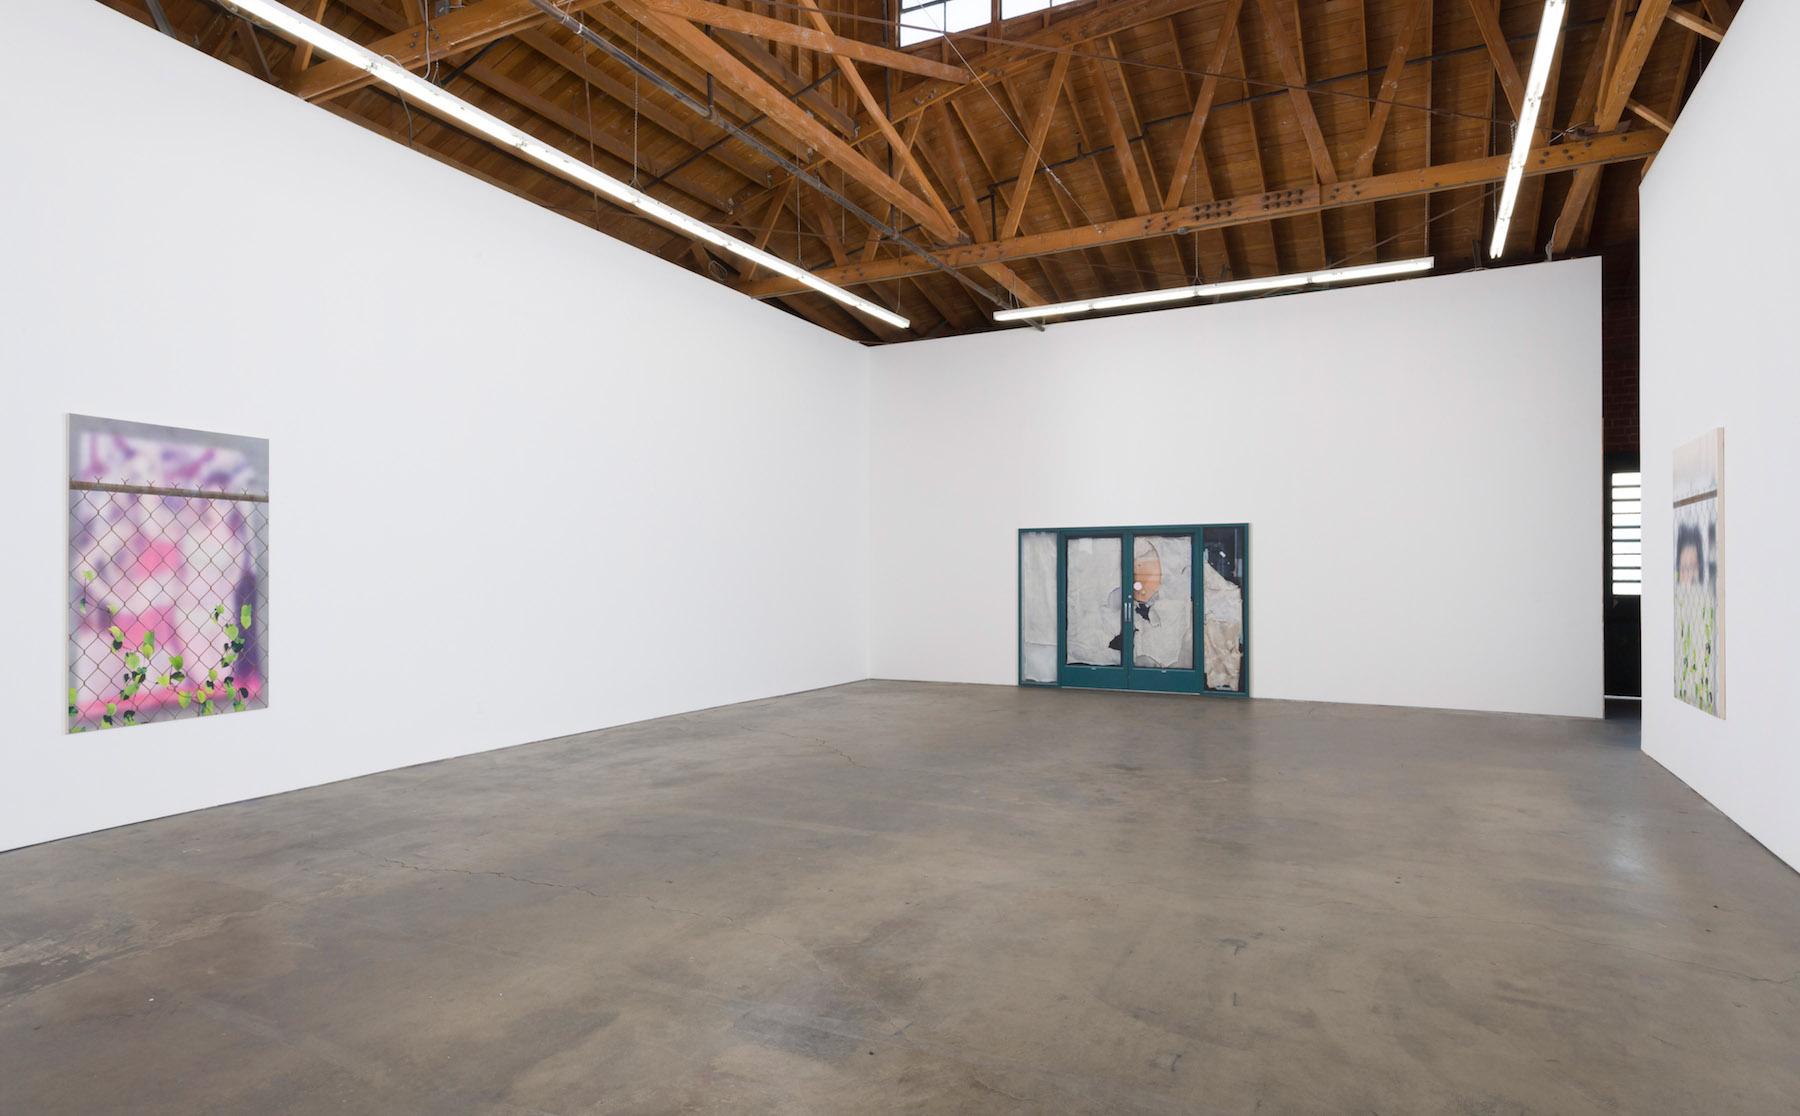 5_Sayre Gomez, installation view, Ghebaly Gallery